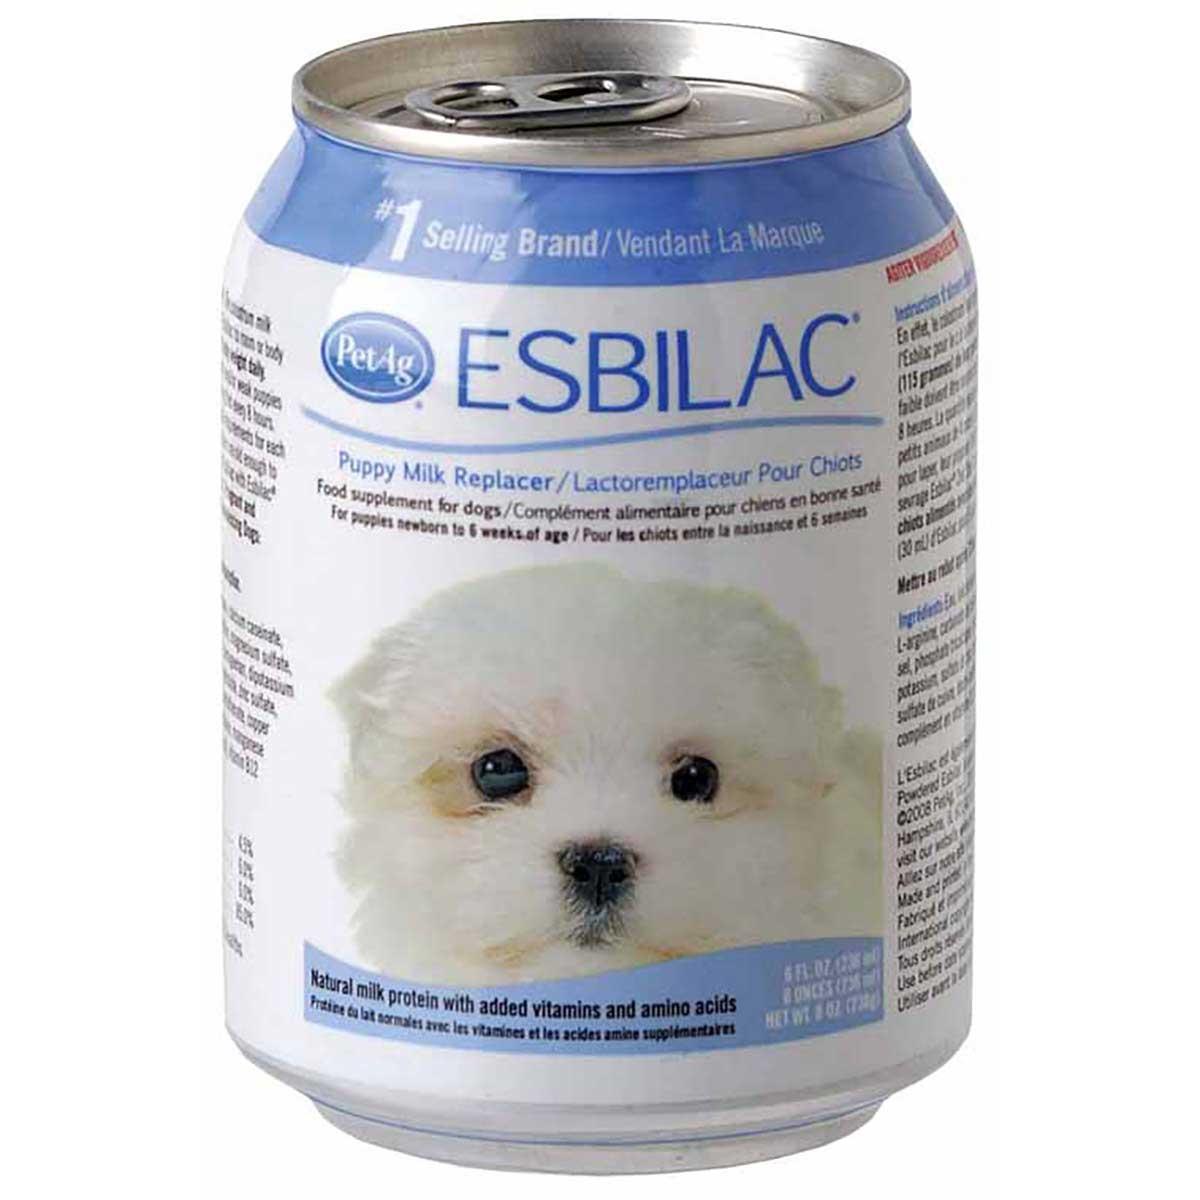 PetAg Esbilac Puppy Milk Replacement Liquid 8 oz